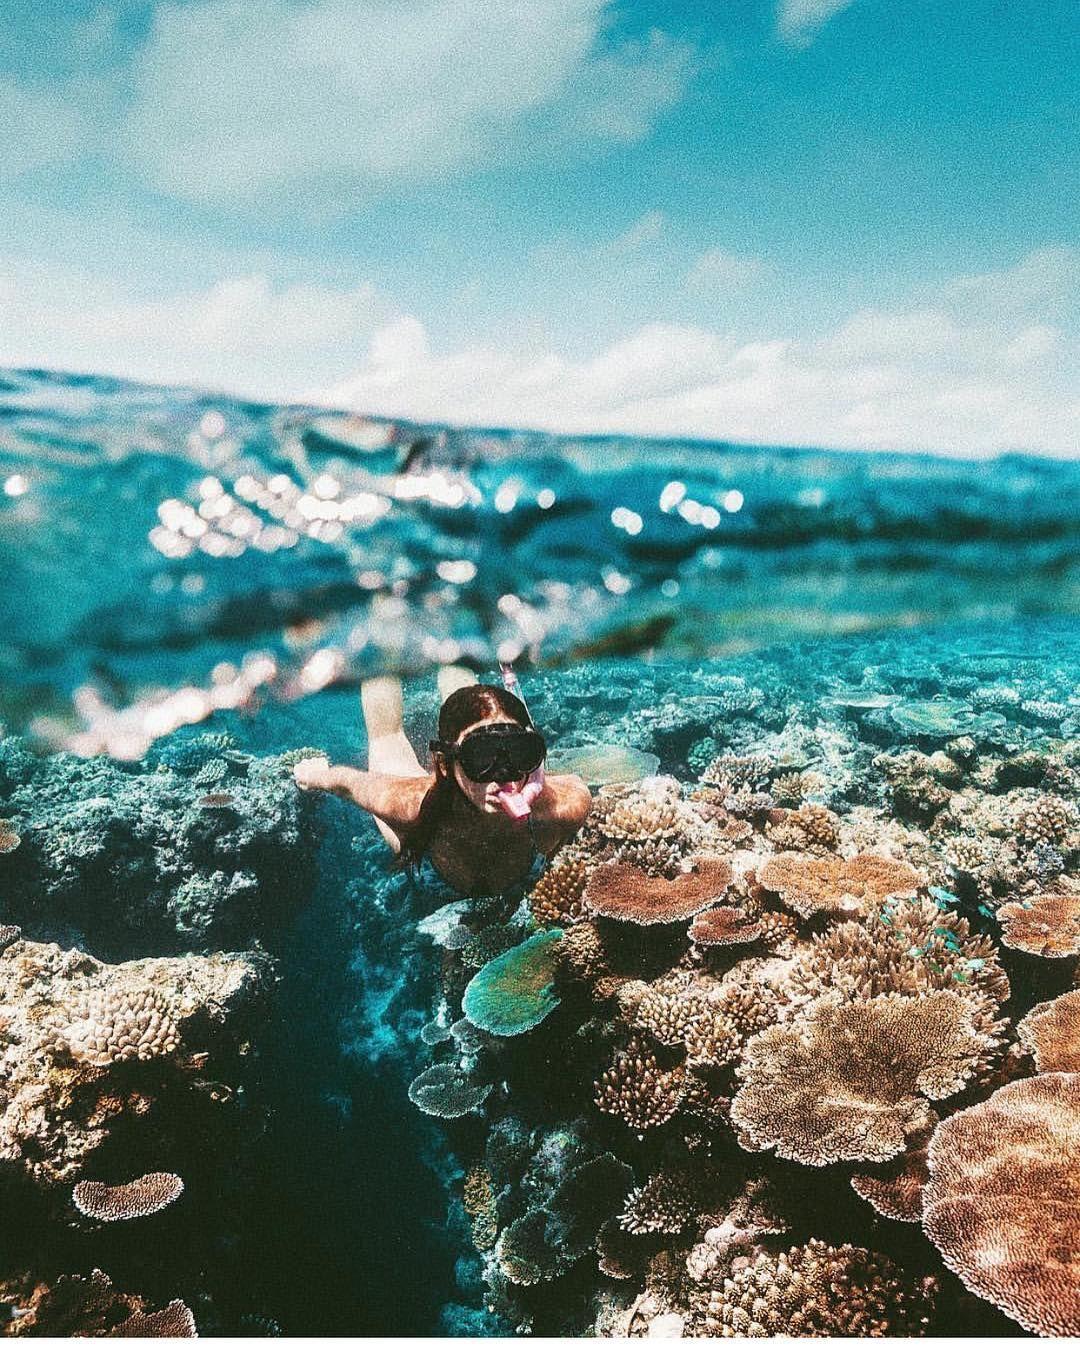 Australia Barrierreef Underwater Ocean Great Barrier Reef Beach Photos Beautiful Places To Visit